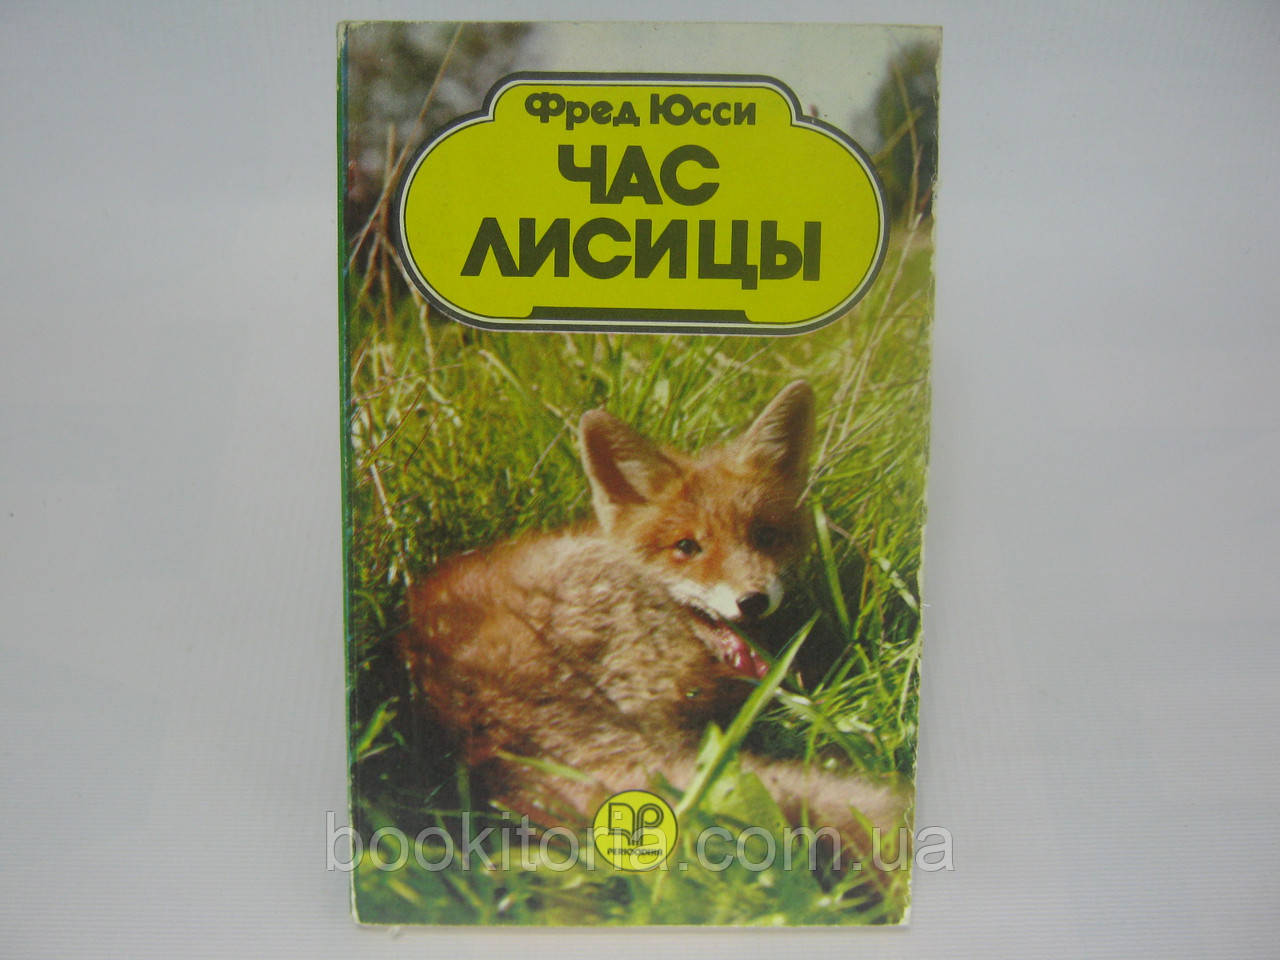 Юсси Ф. Час лисицы (б/у).